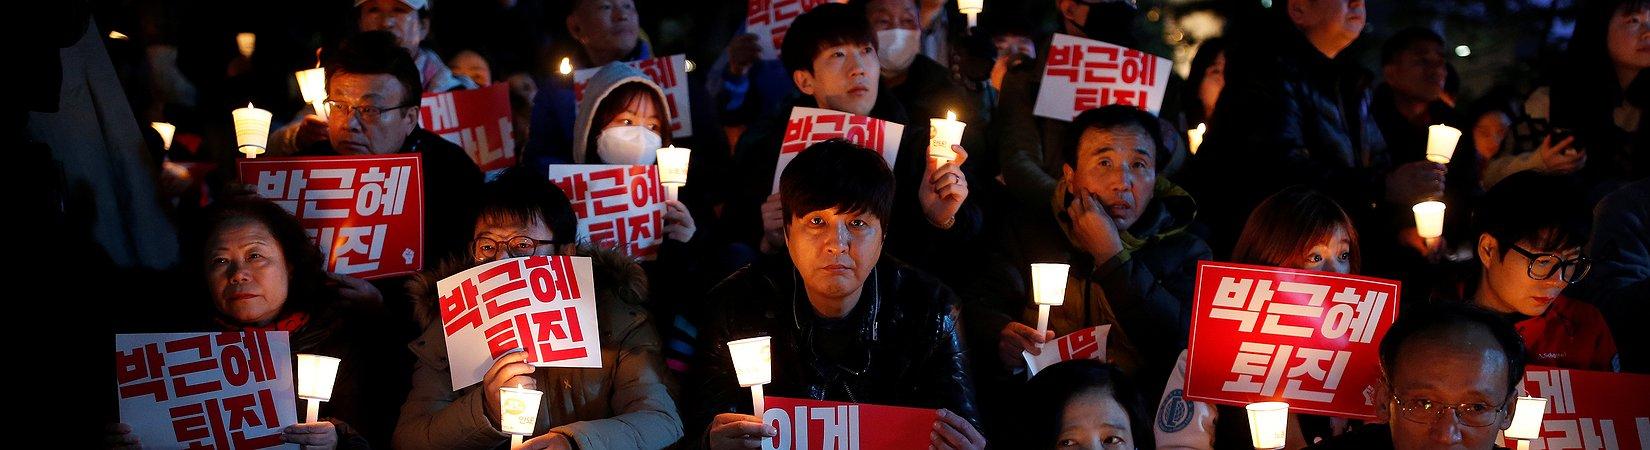 El escándalo presidencial en Corea desvía la atención de los problemas económicos